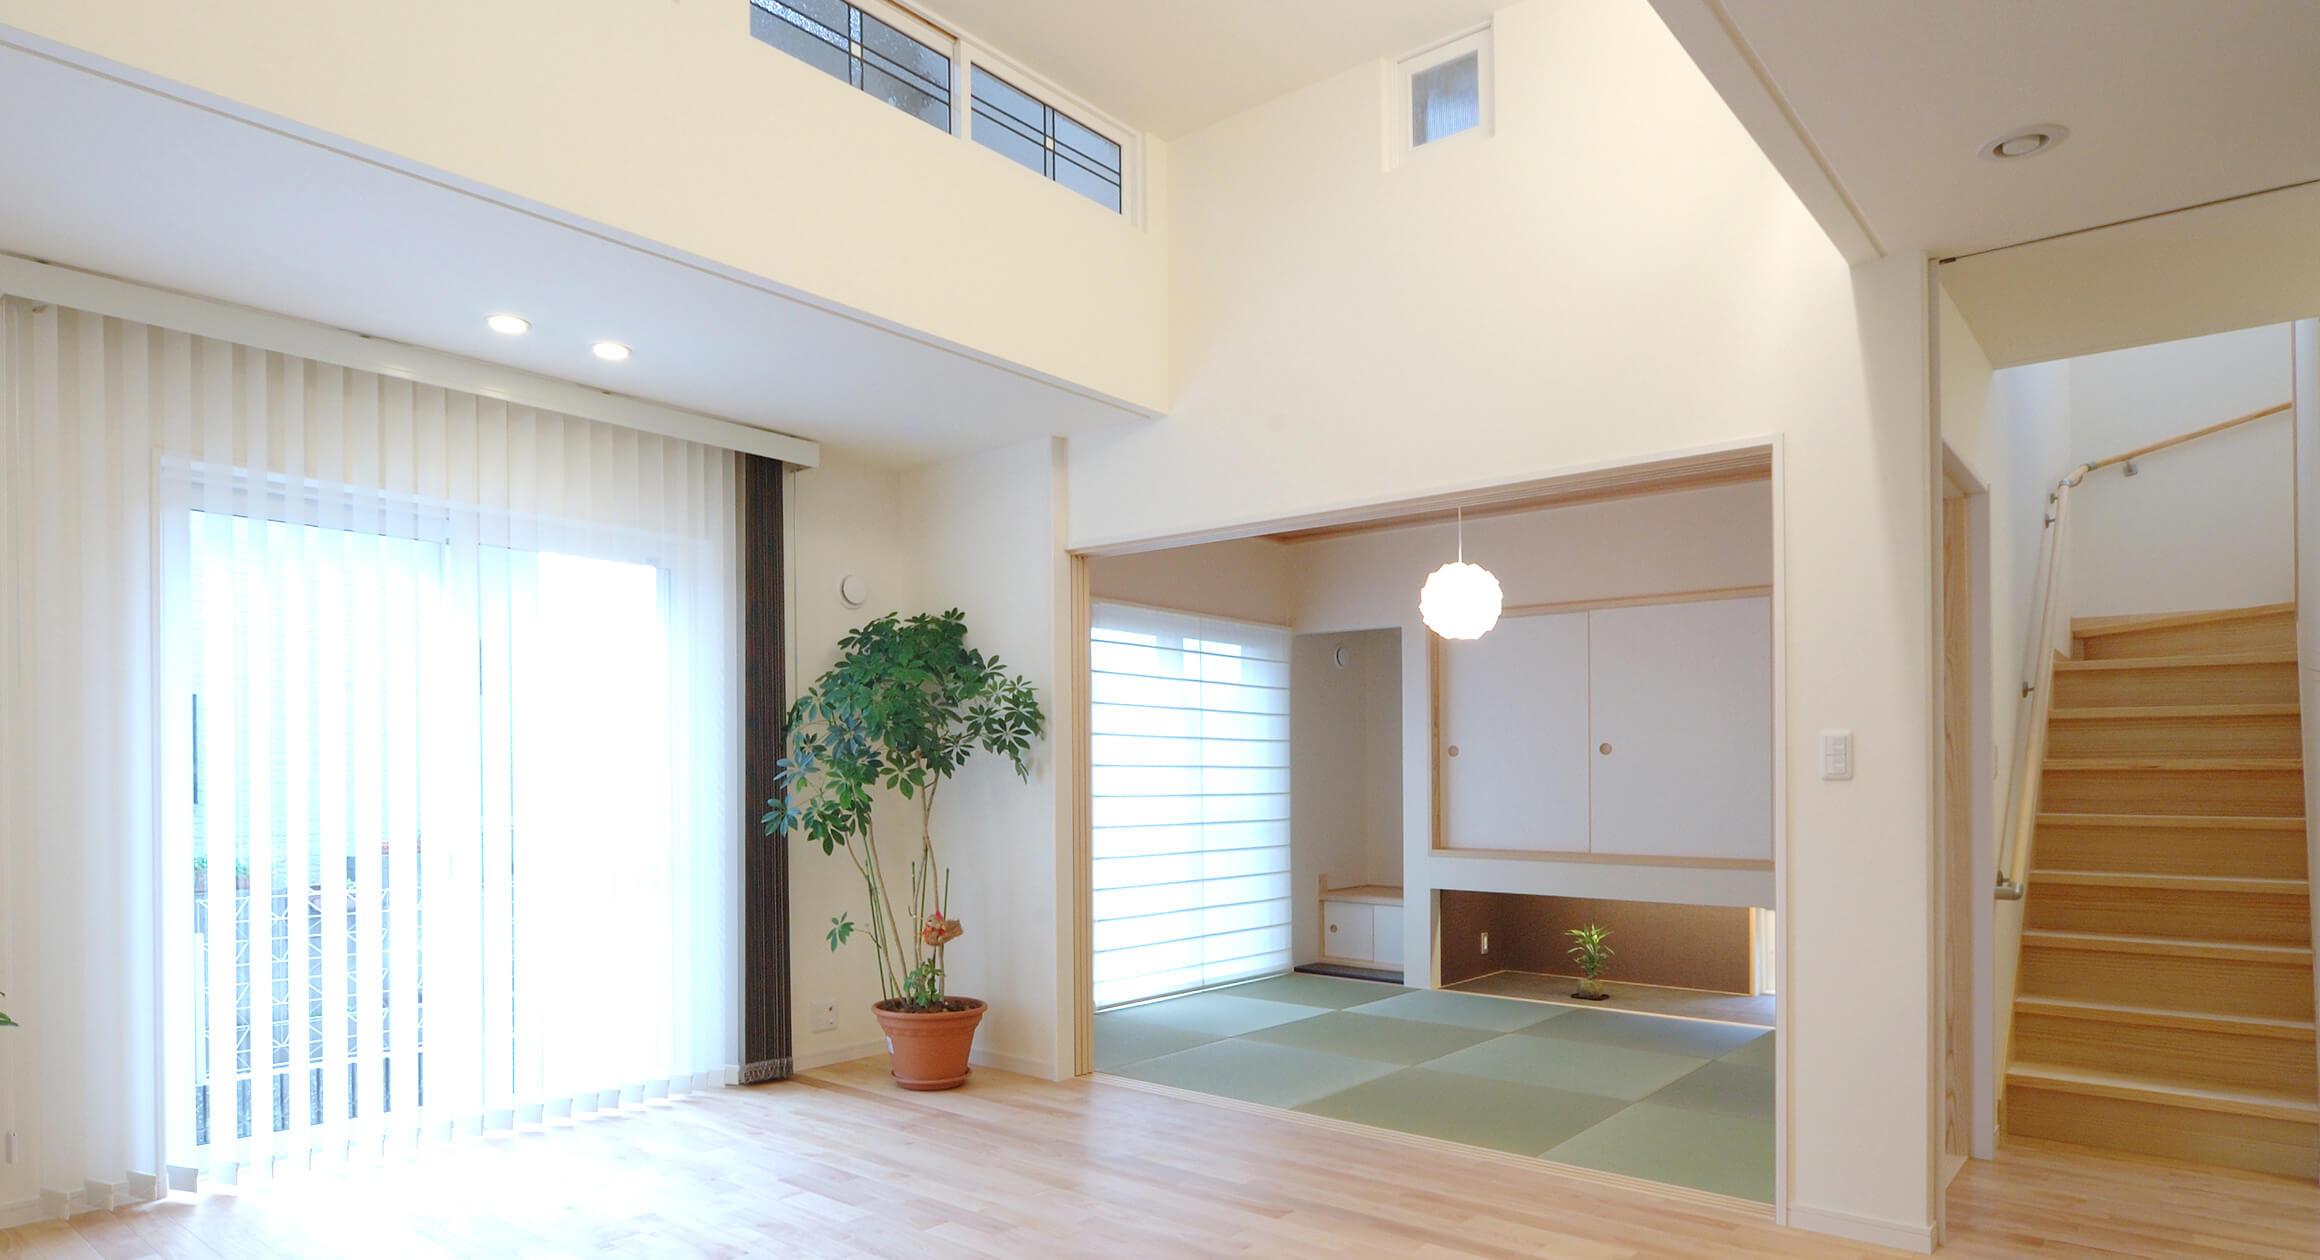 三友工務店の注文住宅 熊本市W様邸